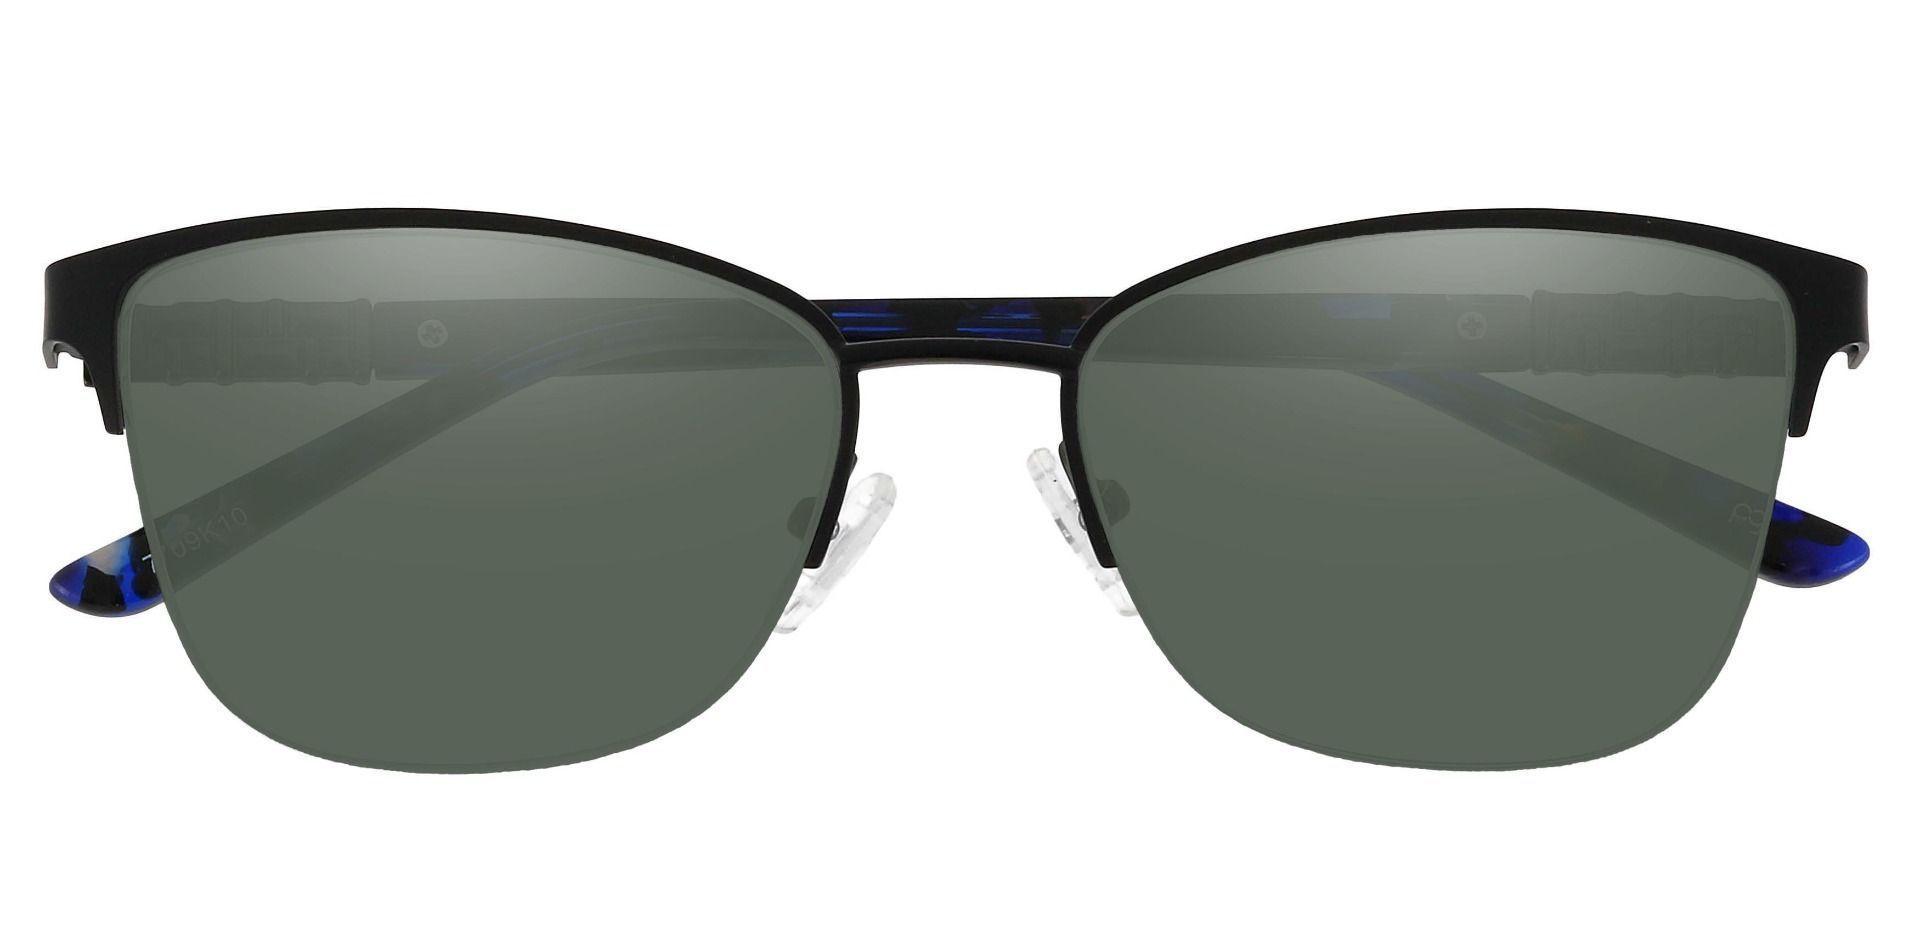 Ballad Cat Eye Progressive Sunglasses - Black Frame With Green Lenses